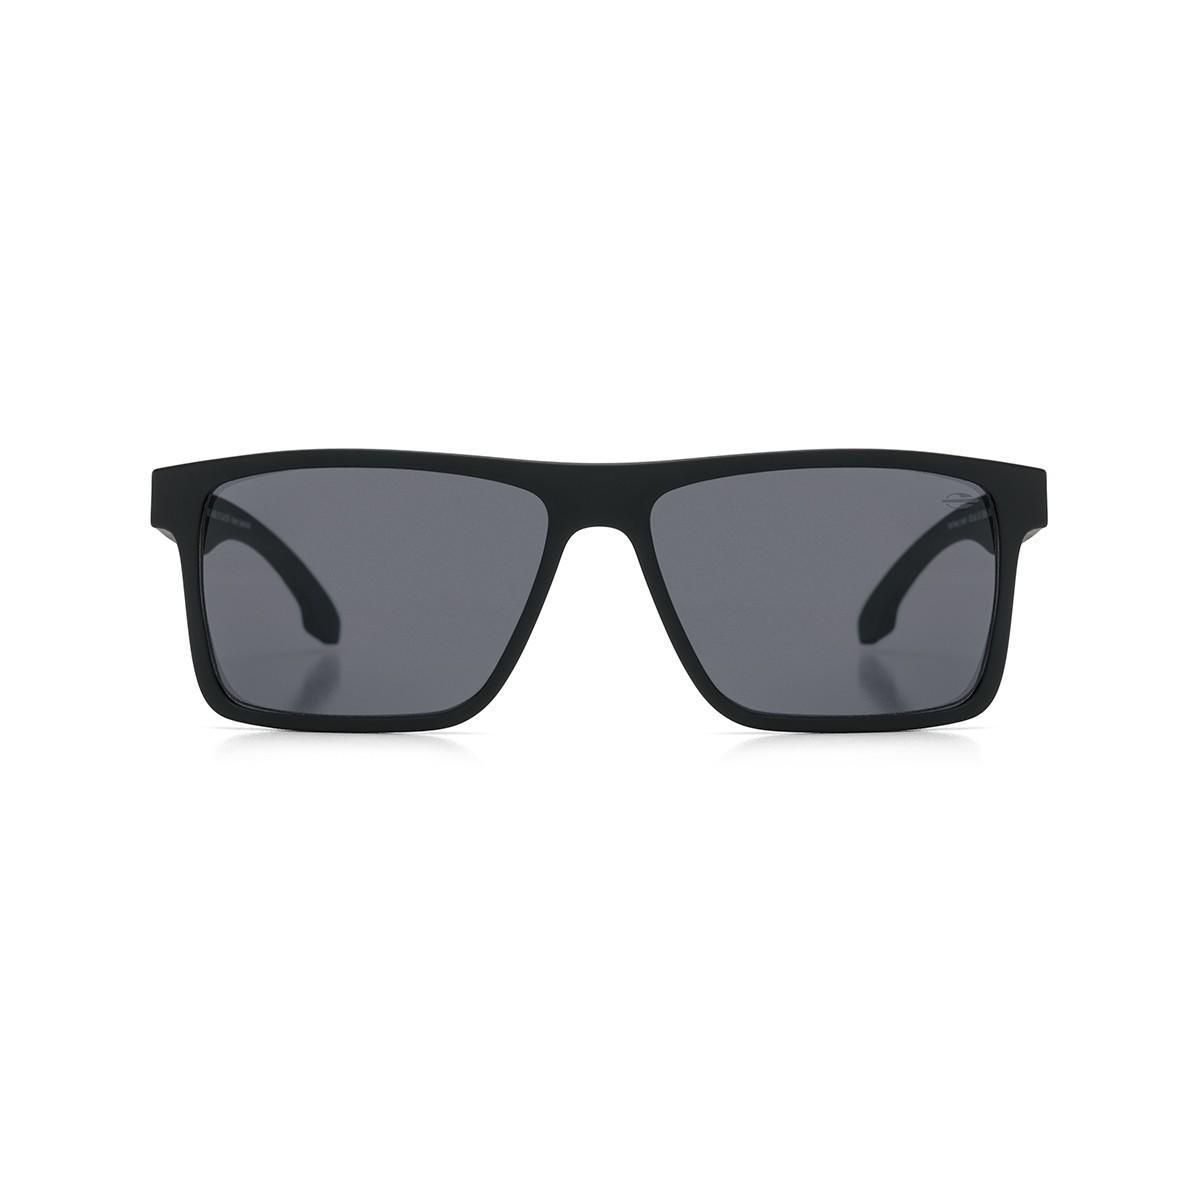 6d776cfd2 Oculos Sol Mormaii Banks Preto Fosco com Vermelho-L Cinza - Pa R$ 249,00 à  vista. Adicionar à sacola